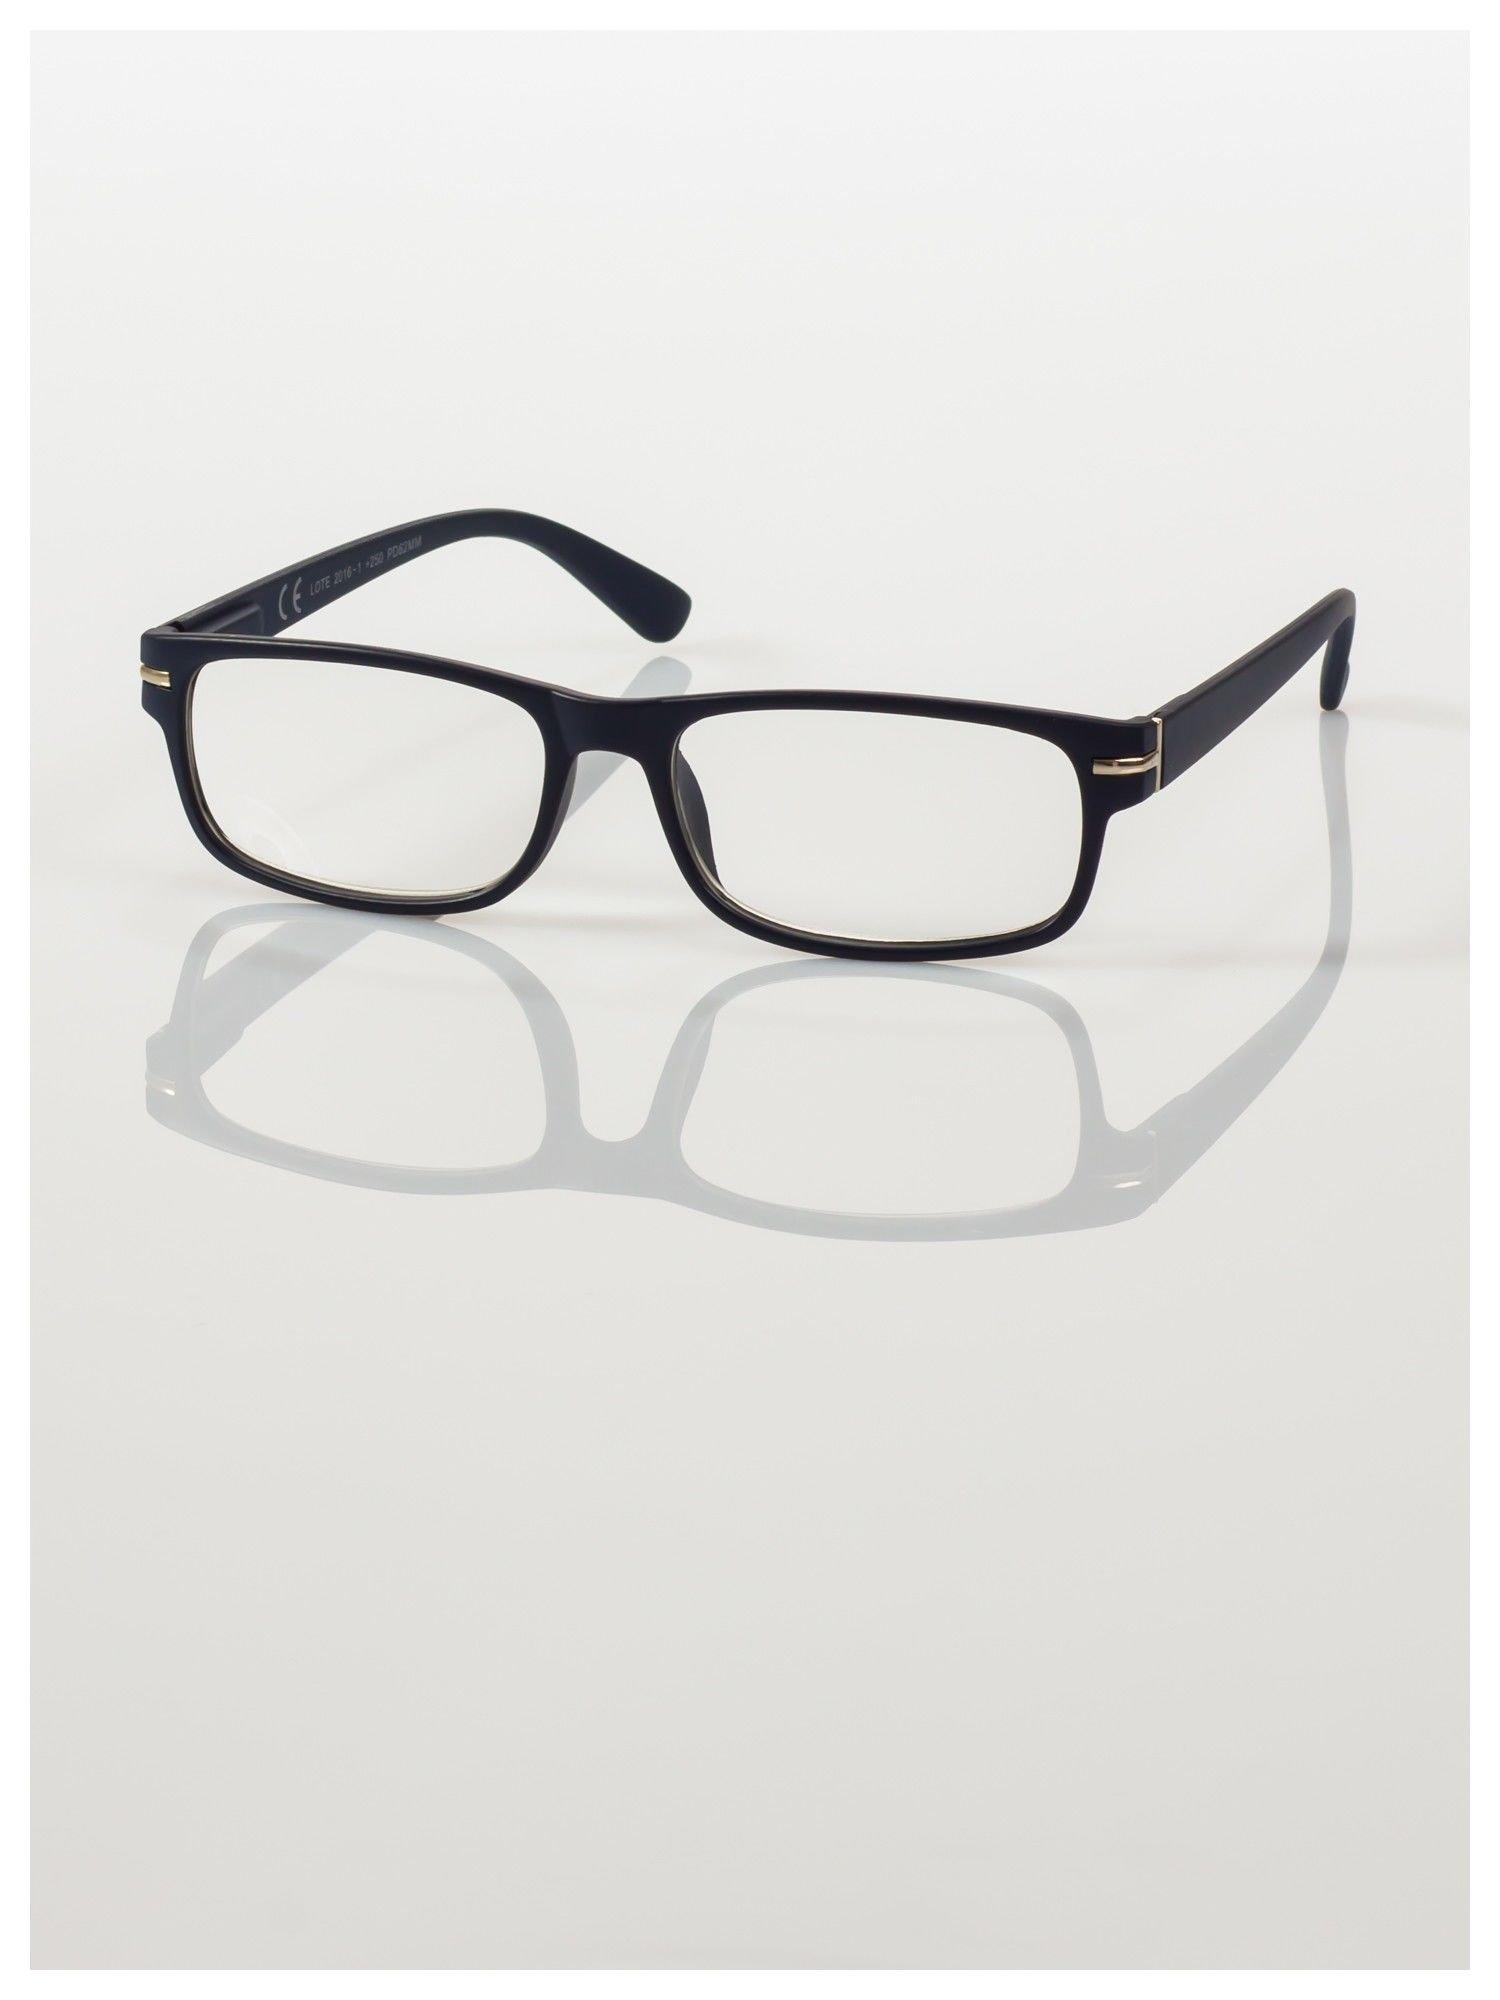 Eleganckie czarne matowe korekcyjne okulary do czytania +3.0 D  z sytemem FLEX na zausznikach                                  zdj.                                  3